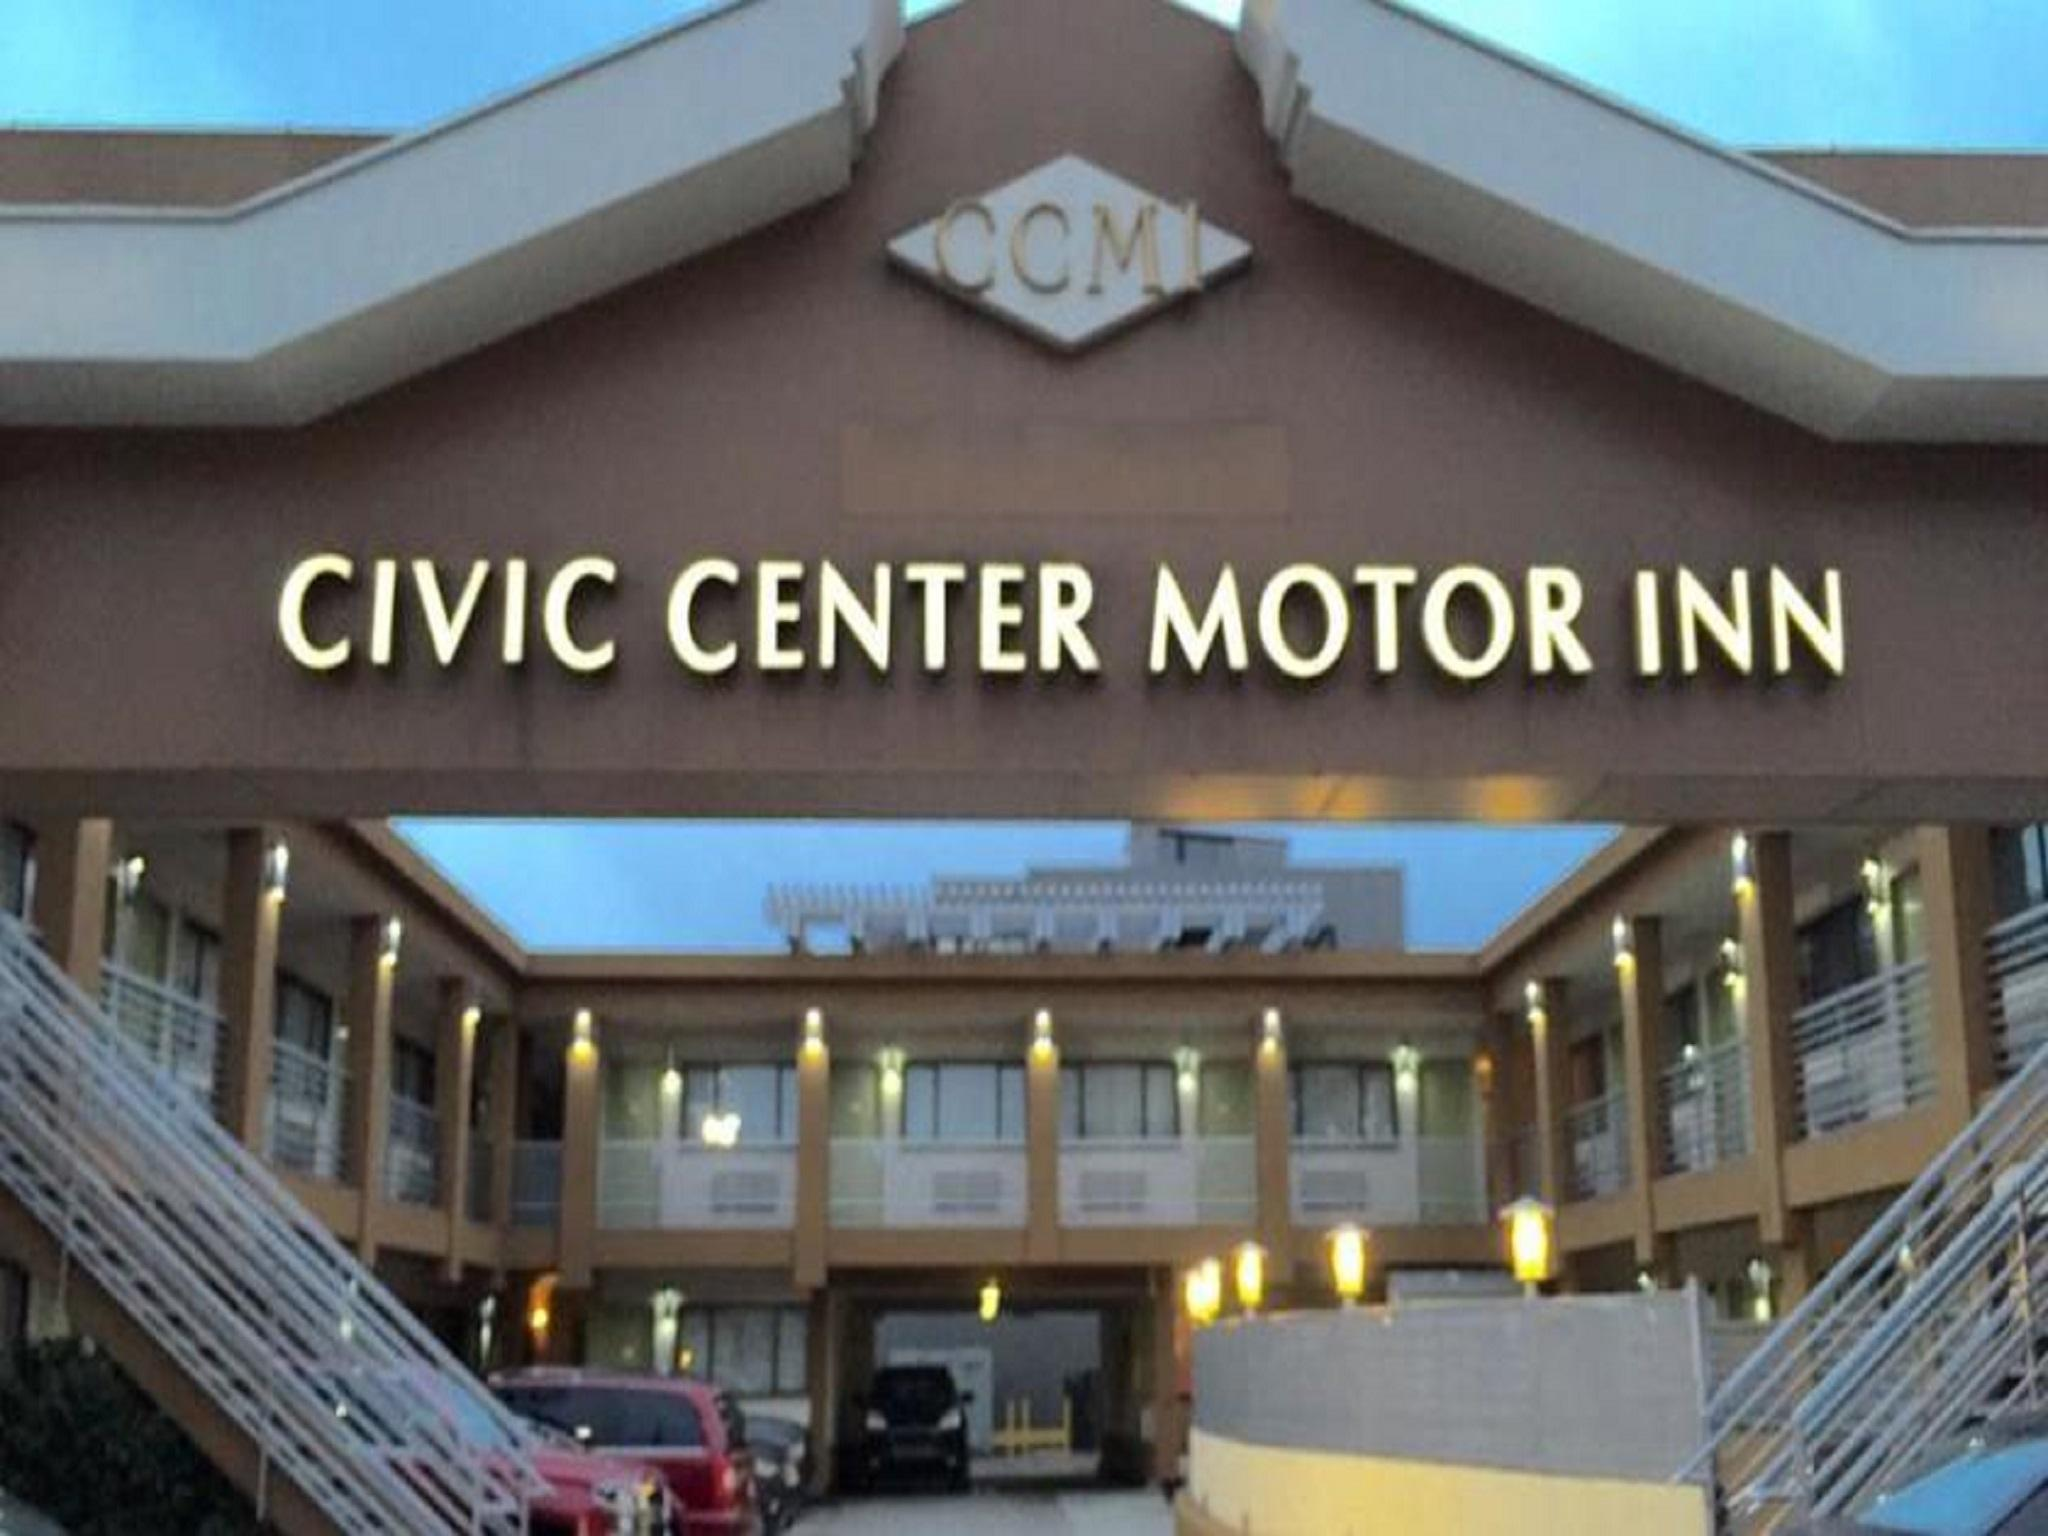 Civic Center Motor Inn